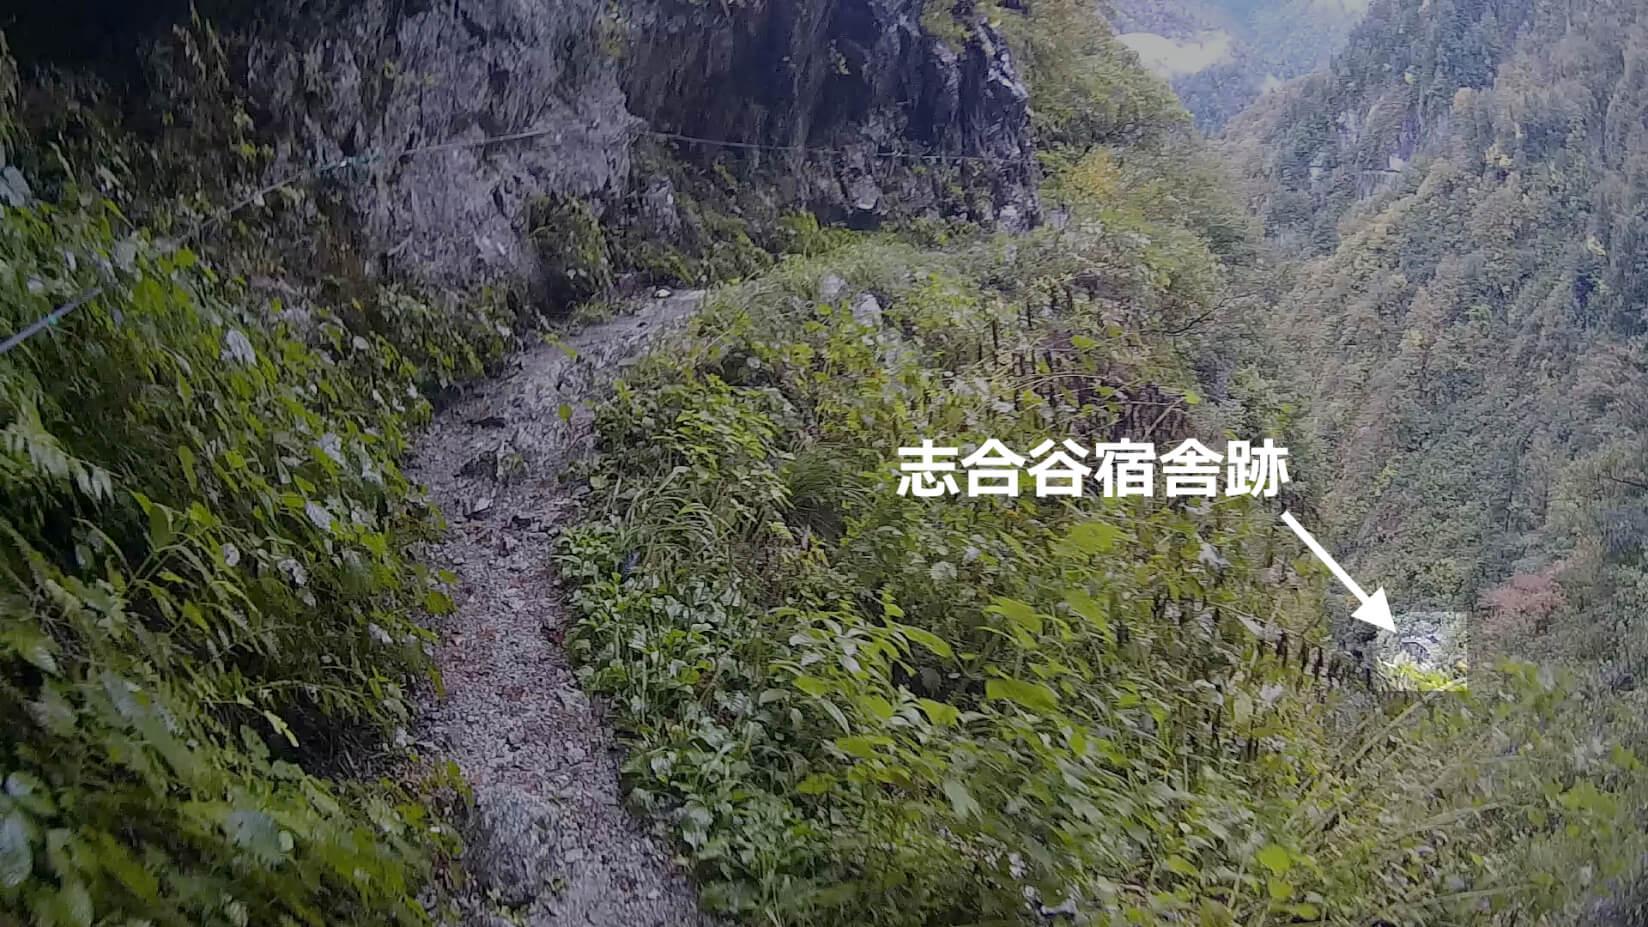 下ノ廊下、志合谷宿舎跡